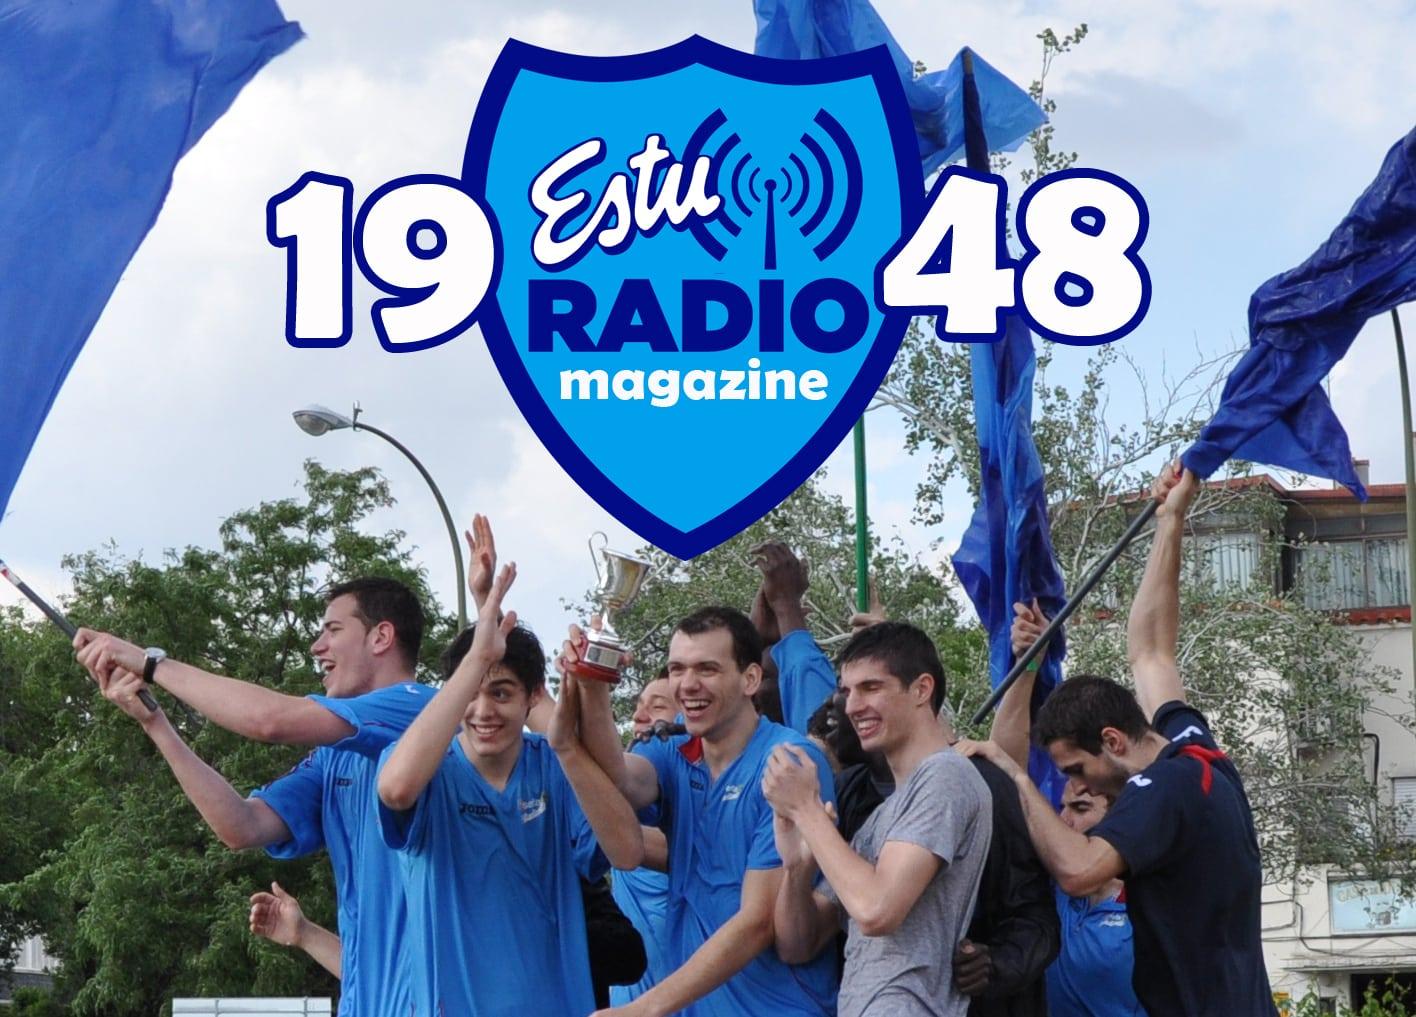 El ascenso a Adecco Plata, dónde andan los jugadores ACB y los mejores momentos 2012-13, hoy 16:00h en EstuRadio